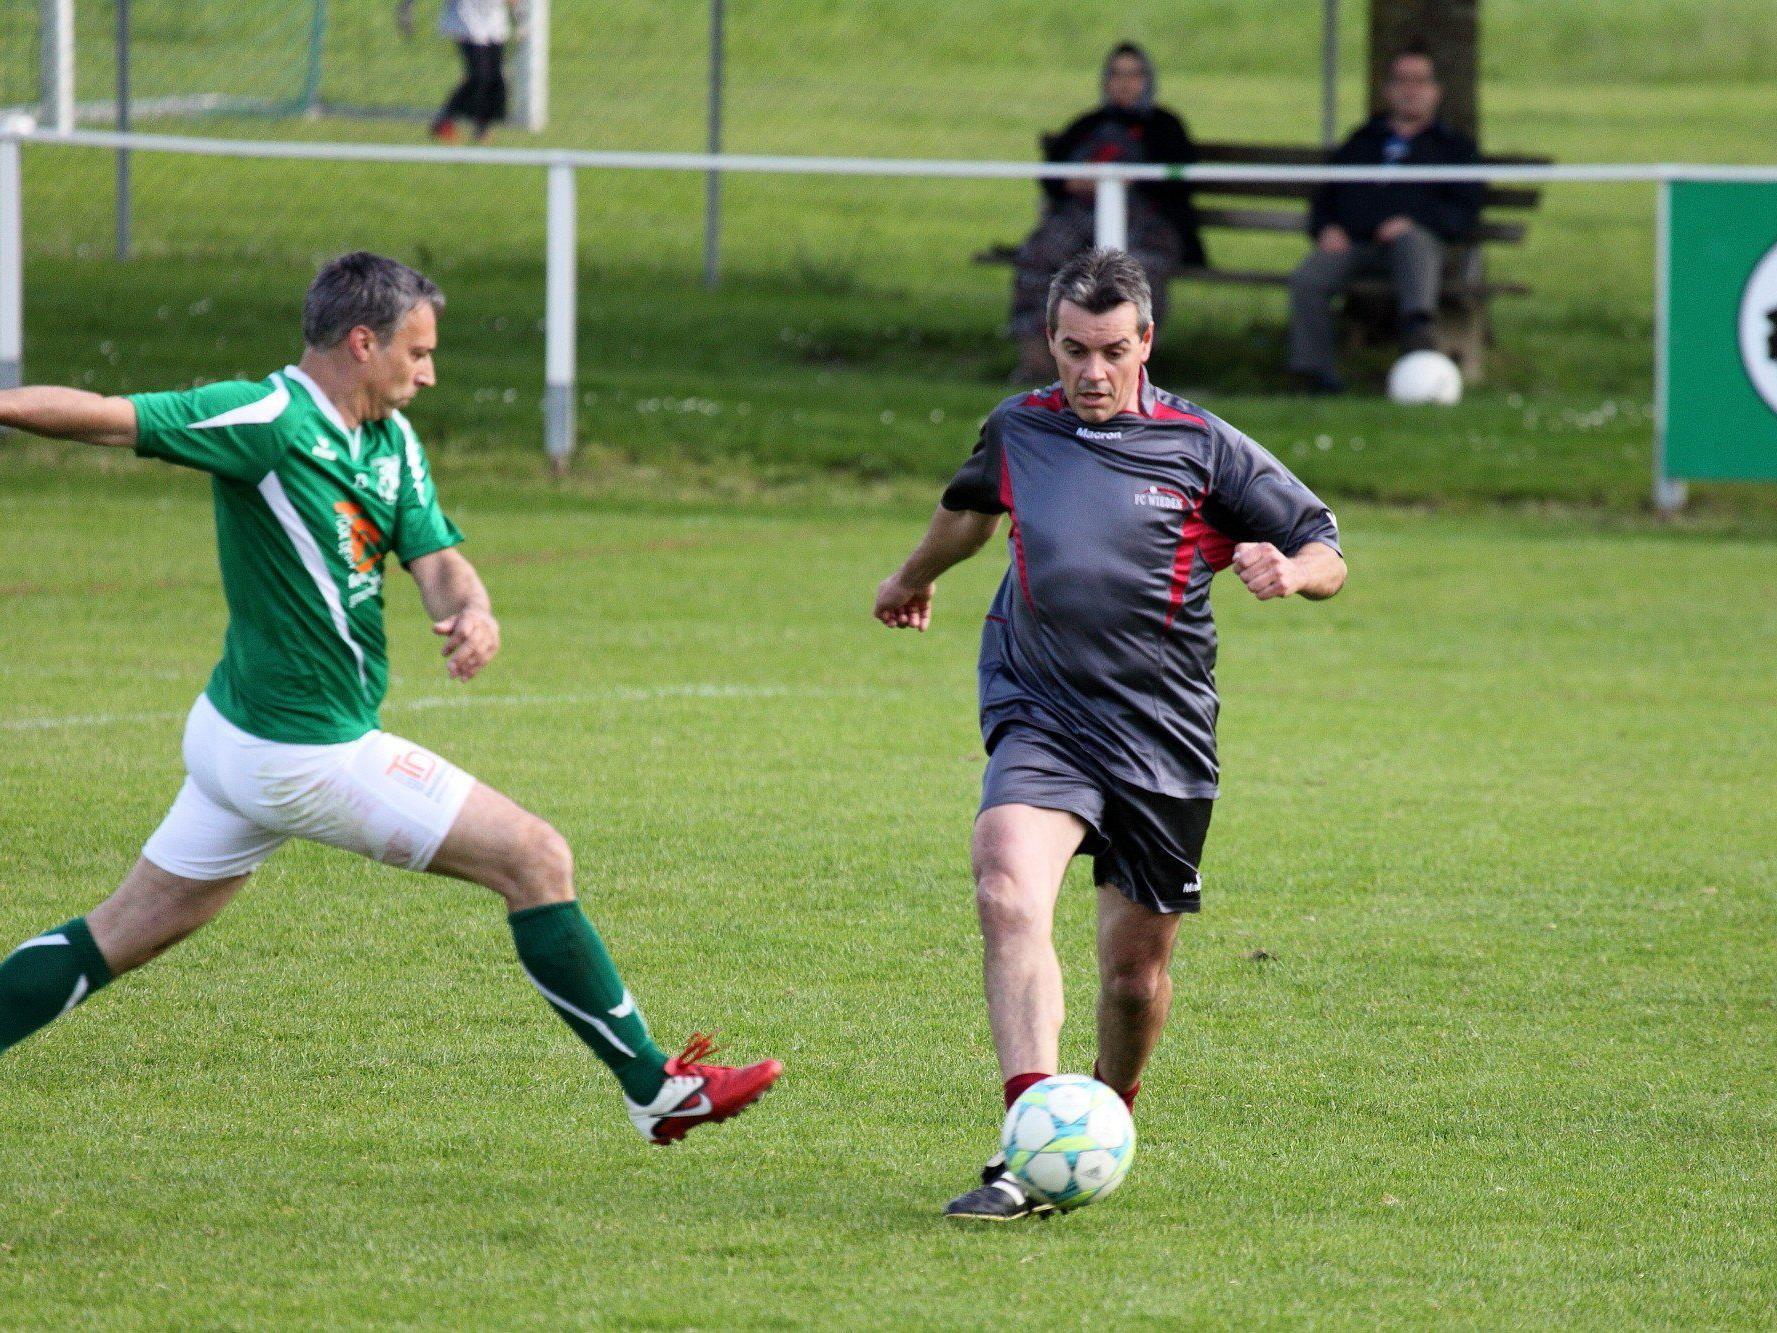 Von wegen gemächlicher Altherren-Fußball - hier wurde um jeden Ball gekämpft.